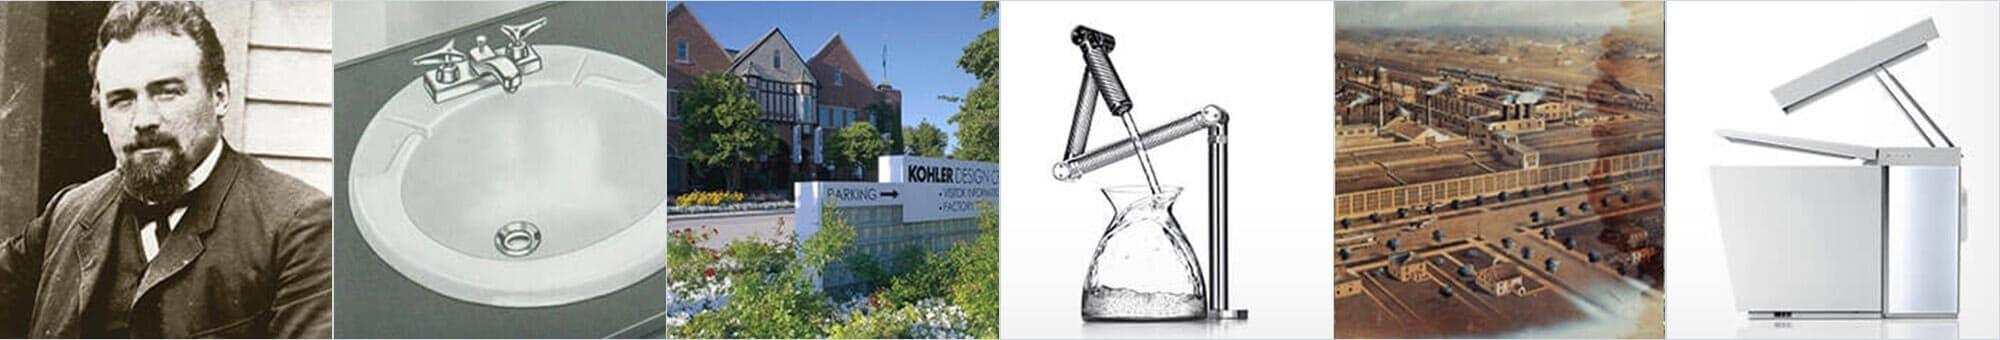 KOHLER History Overview